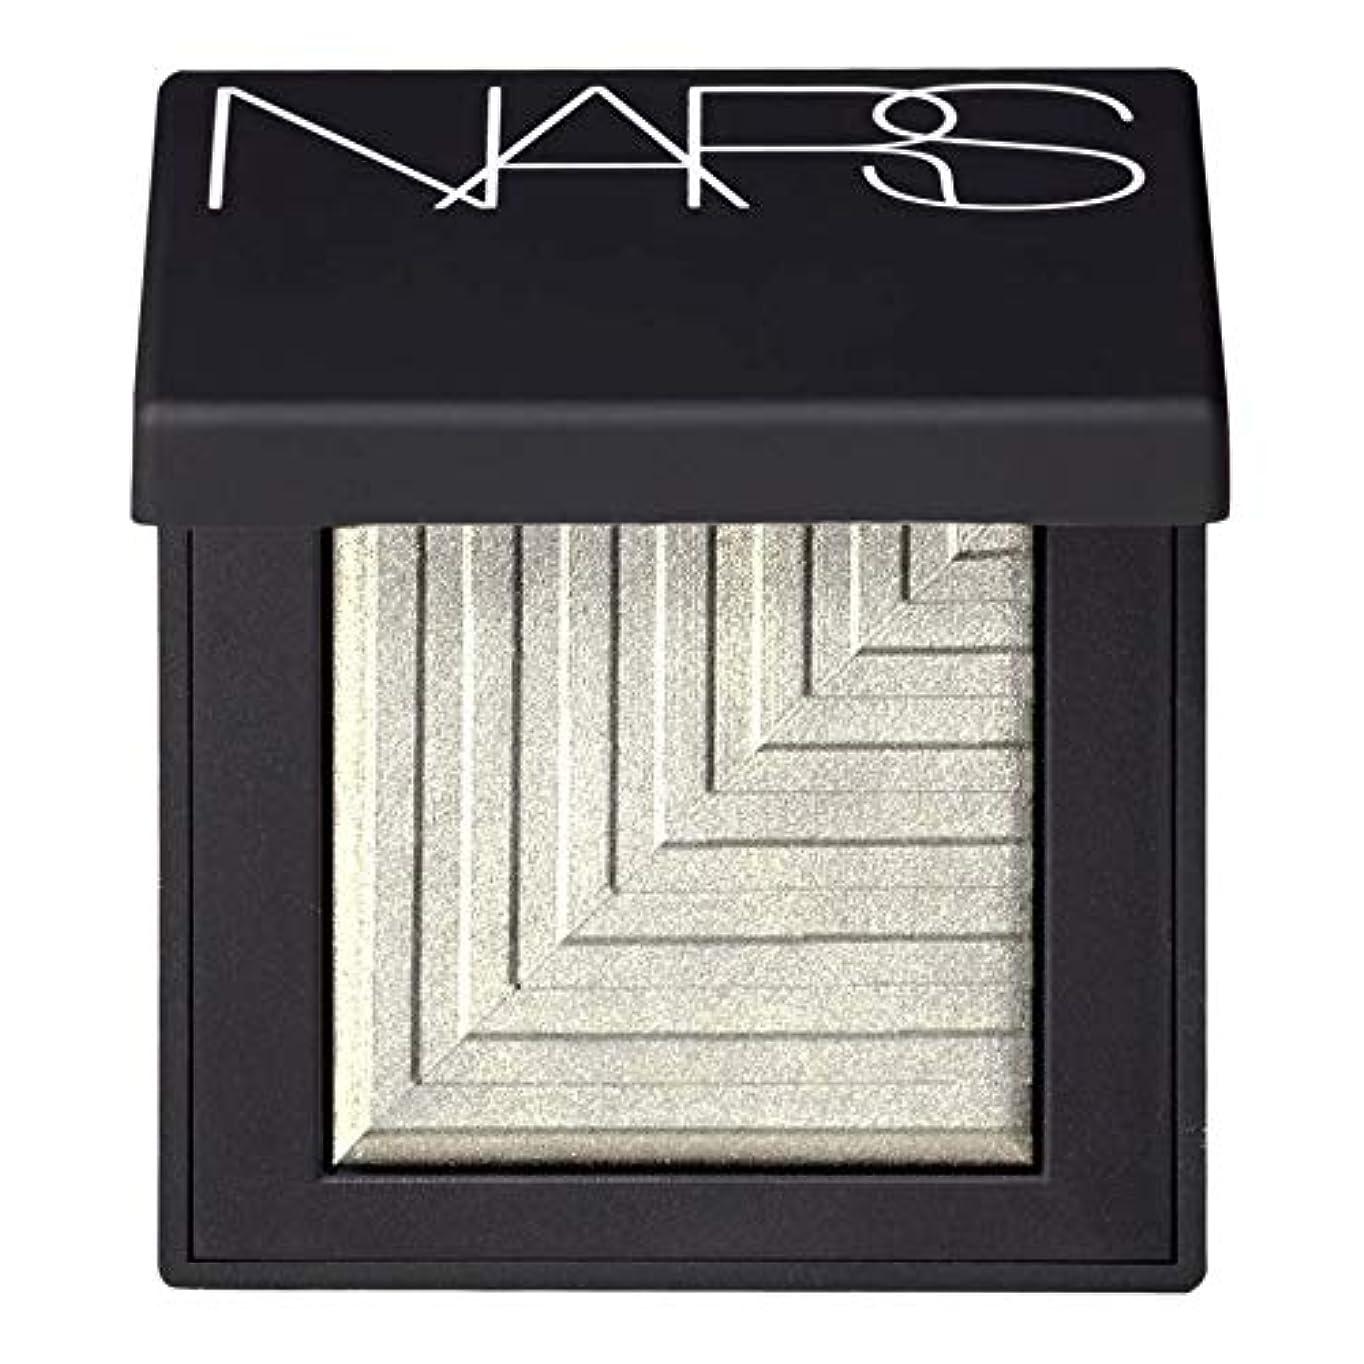 ウガンダご近所遅滞[NARS] Narはデュアル強度アイシャドウアンタレス - Nars Dual Intensity Eyeshadow Antares [並行輸入品]